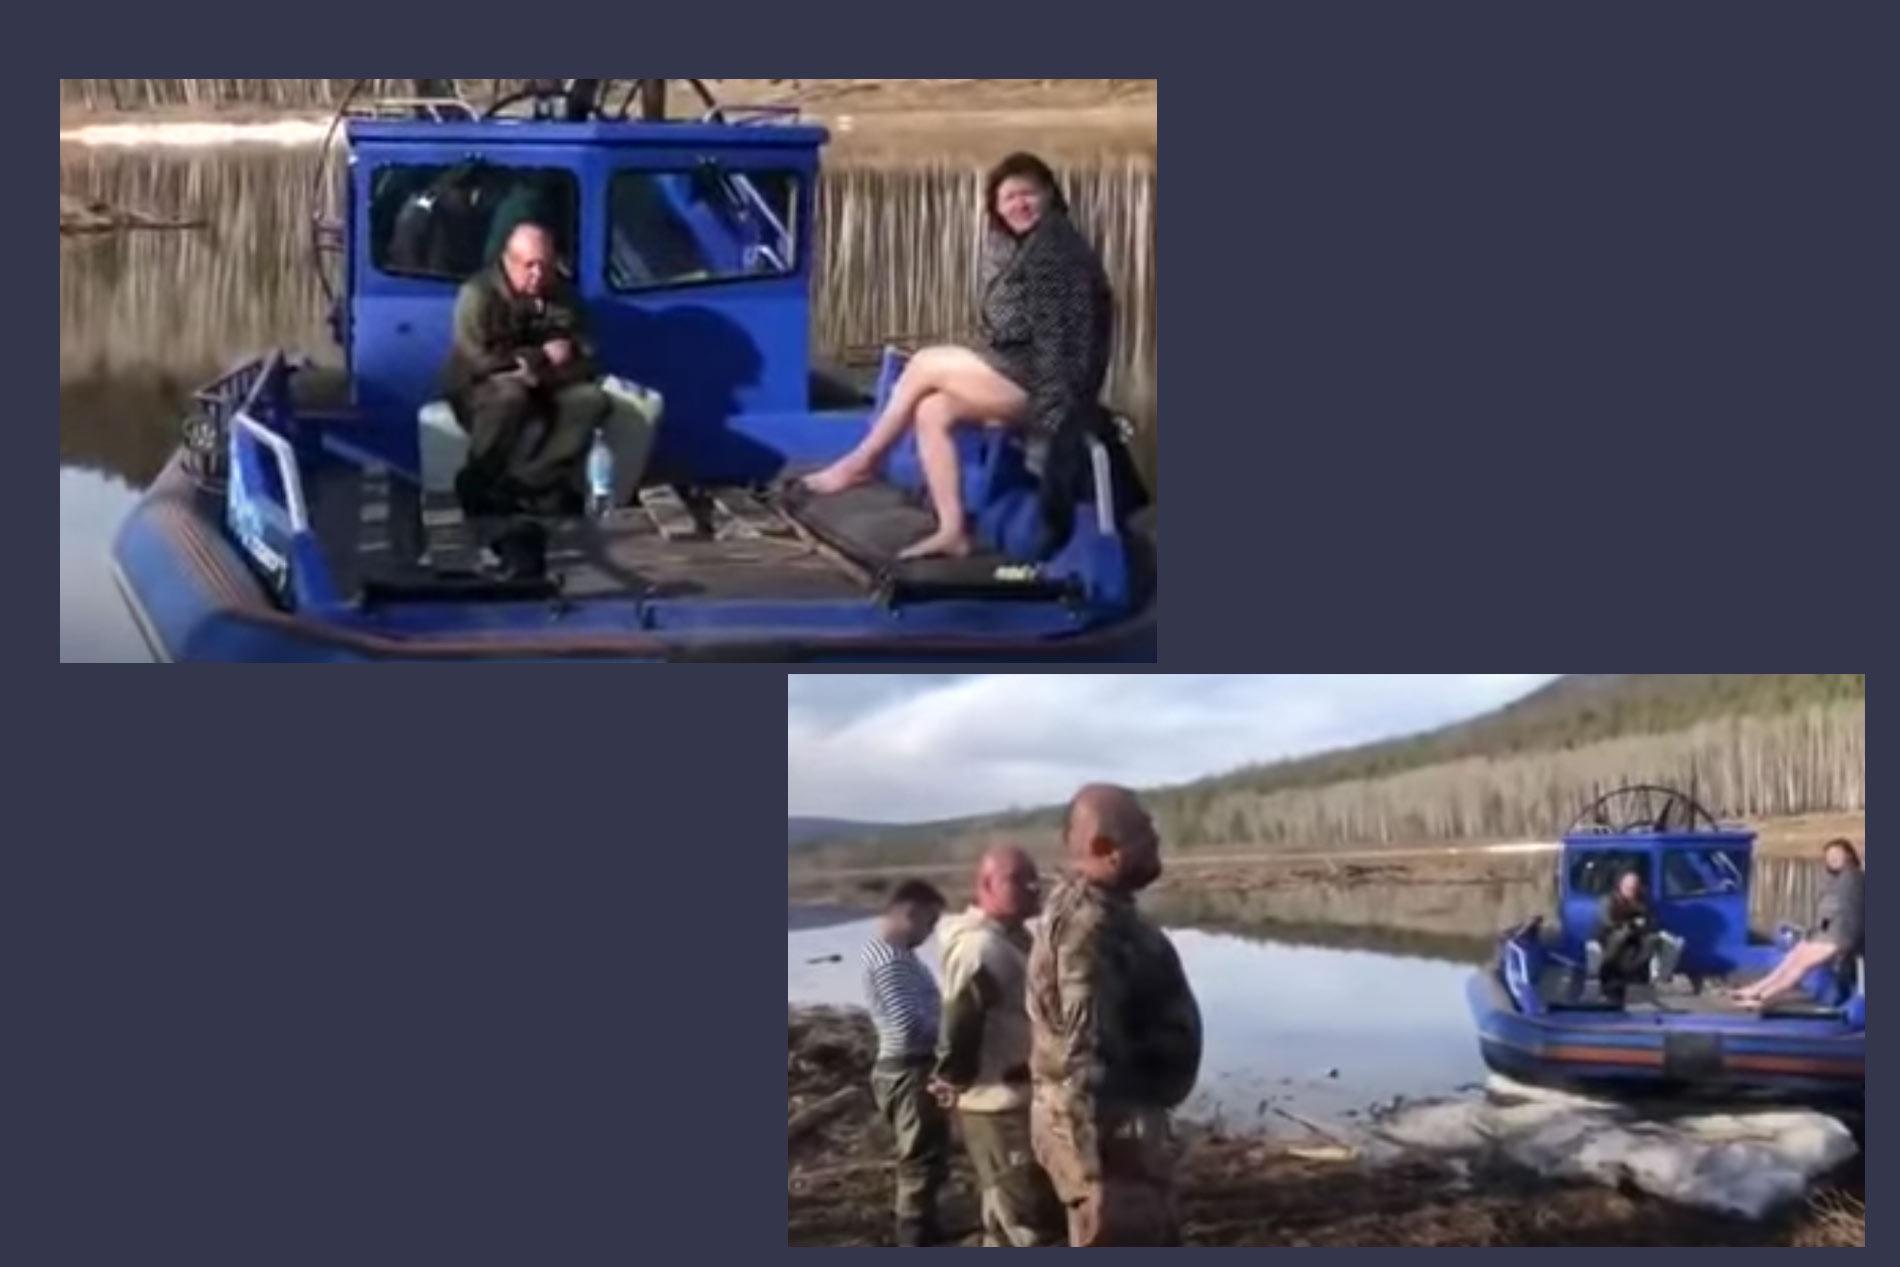 """Кадры пойманных чиновников на лодке из скандального видео ©YouTube / АНО """"Центр гражданского содействия"""""""